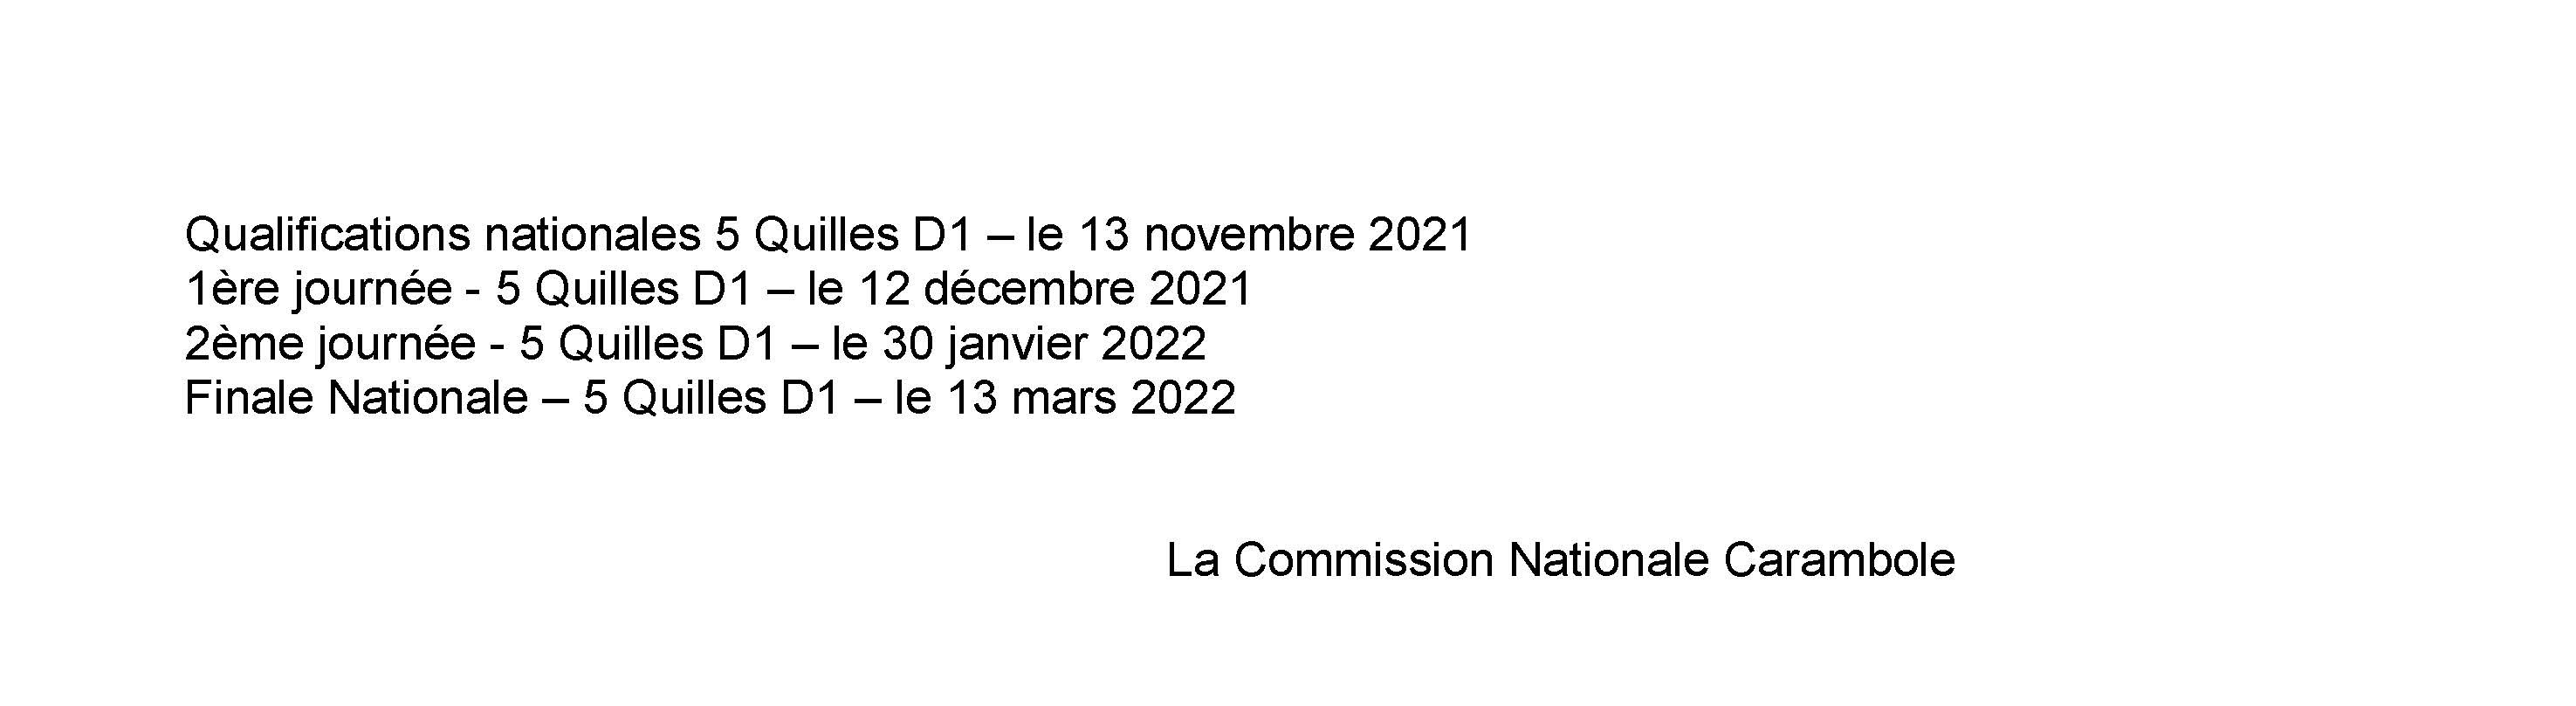 FFB Calendrier CNC 2021 2022 du 30 06 2021 ed3 details Page 5